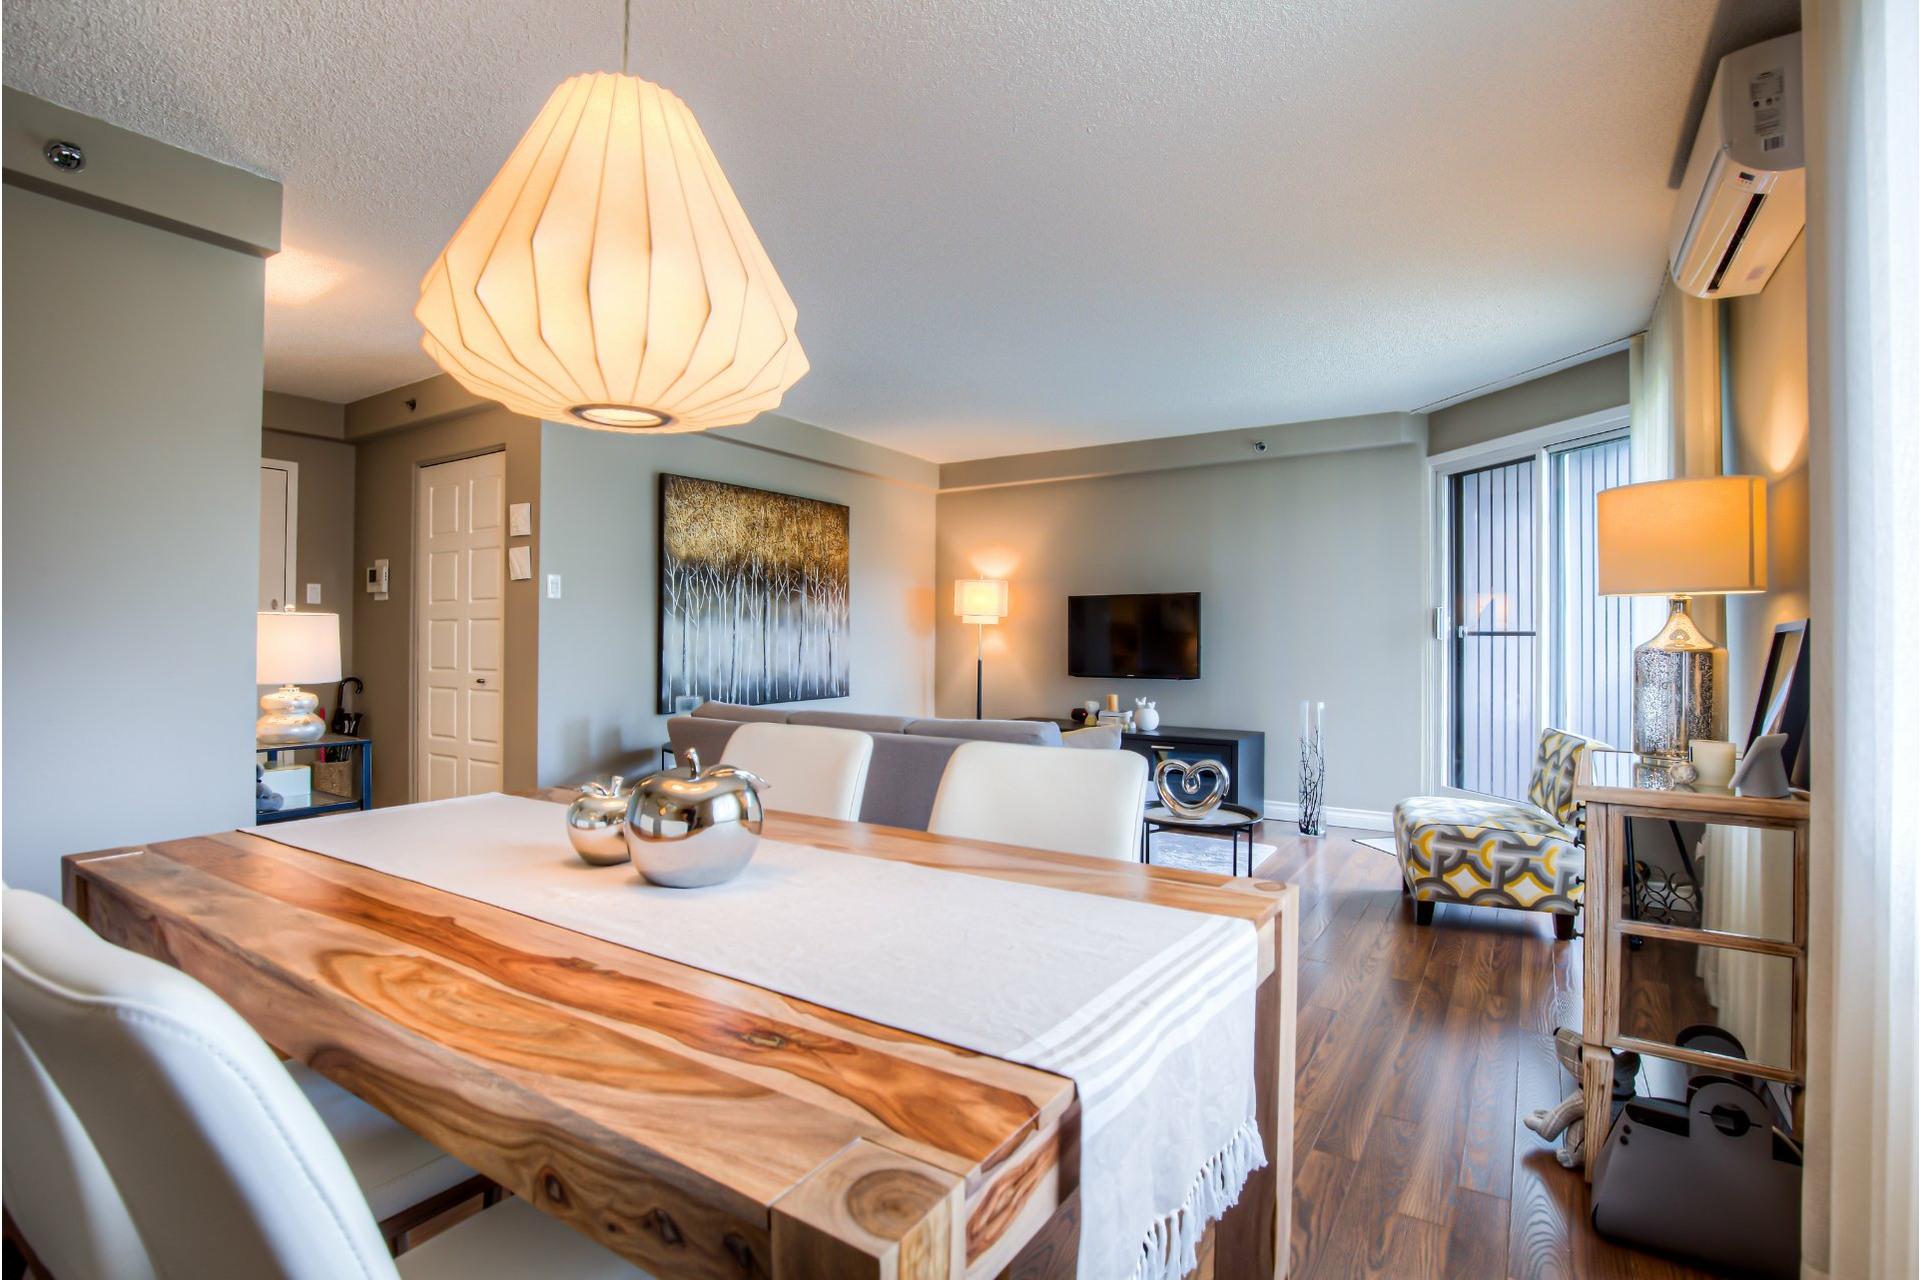 image 5 - Apartment For sale Pierrefonds-Roxboro Montréal  - 5 rooms